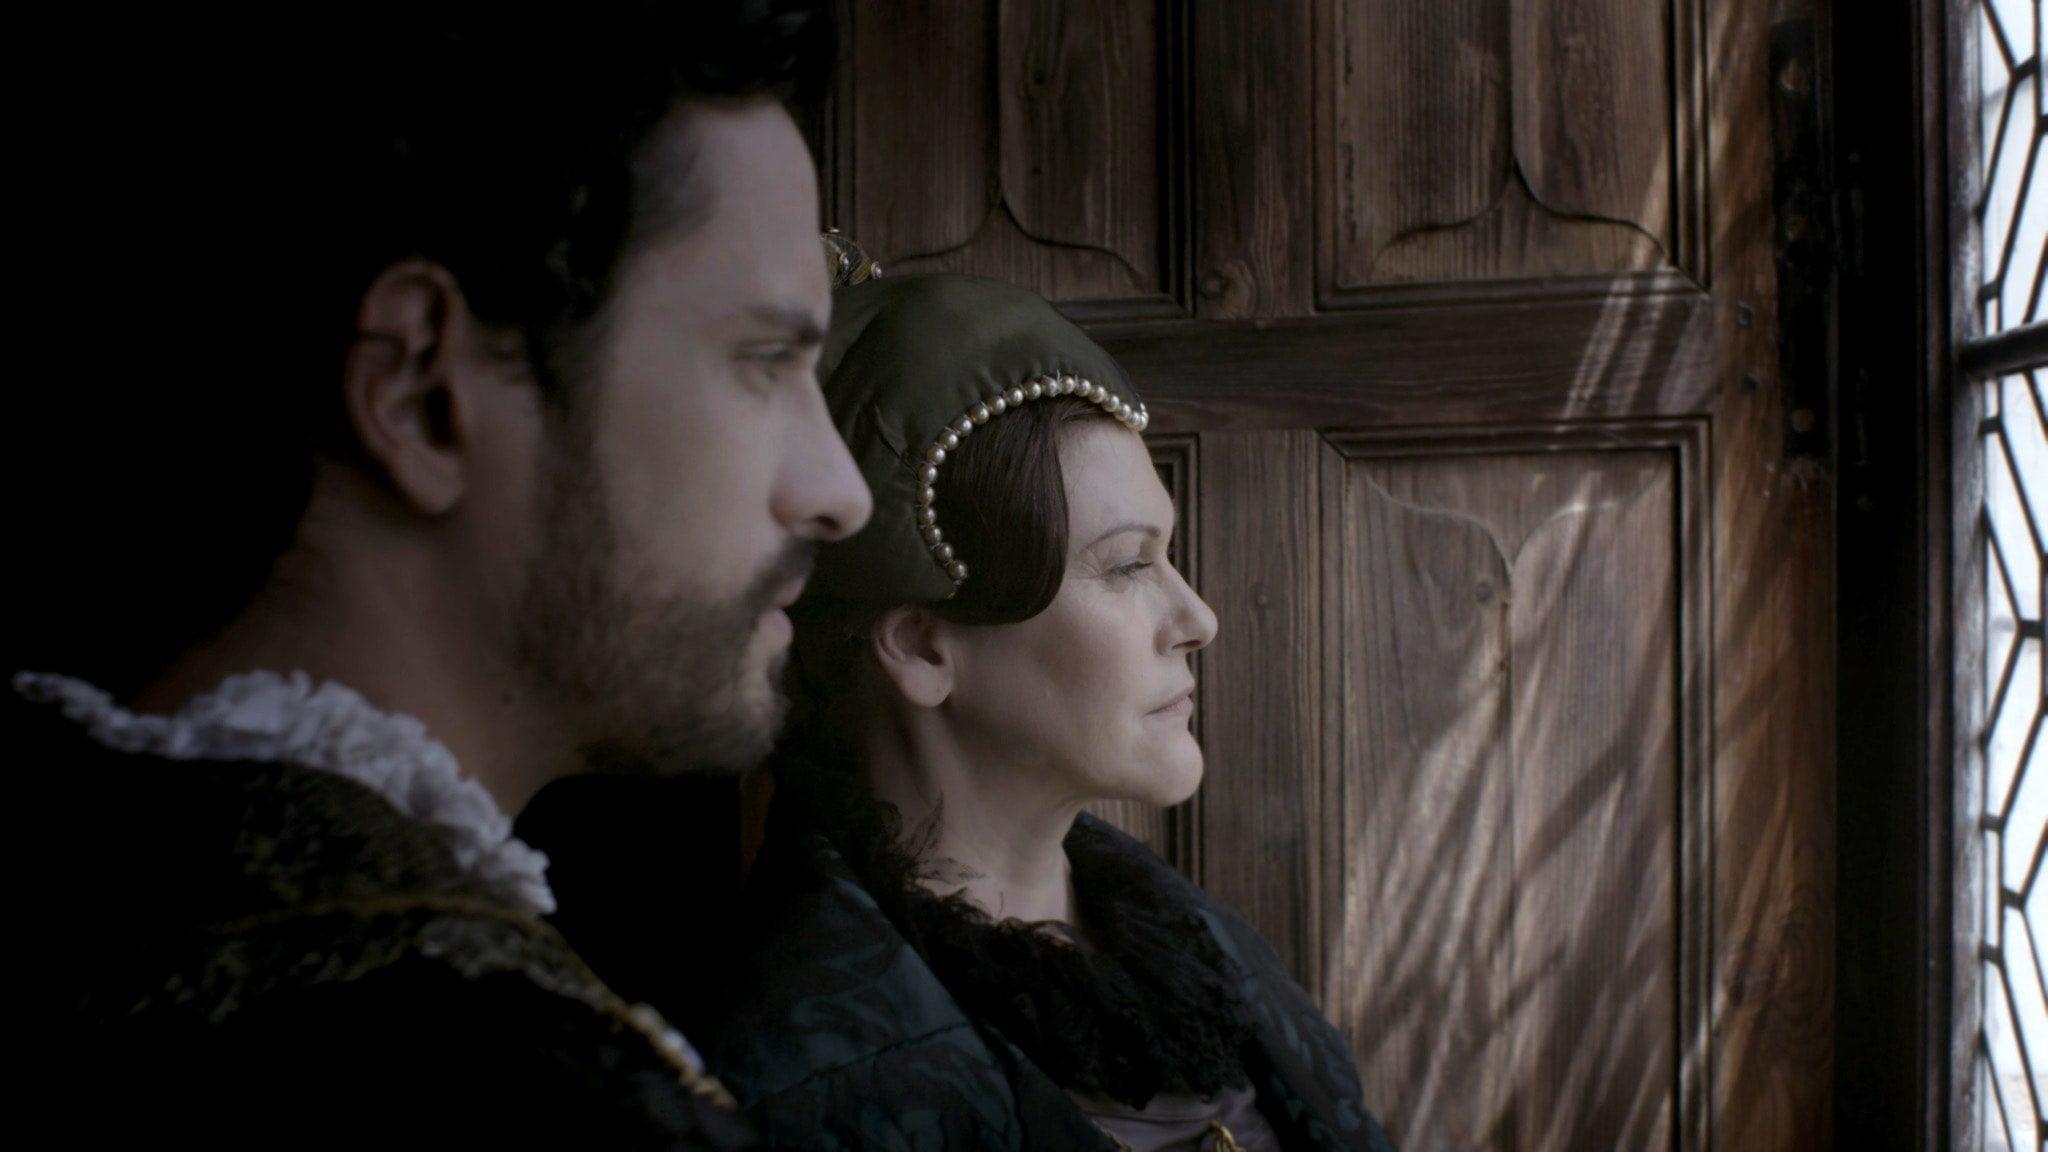 La guerre des trônes, la véritable histoire de l'Europe saison 2 image docu-fiction